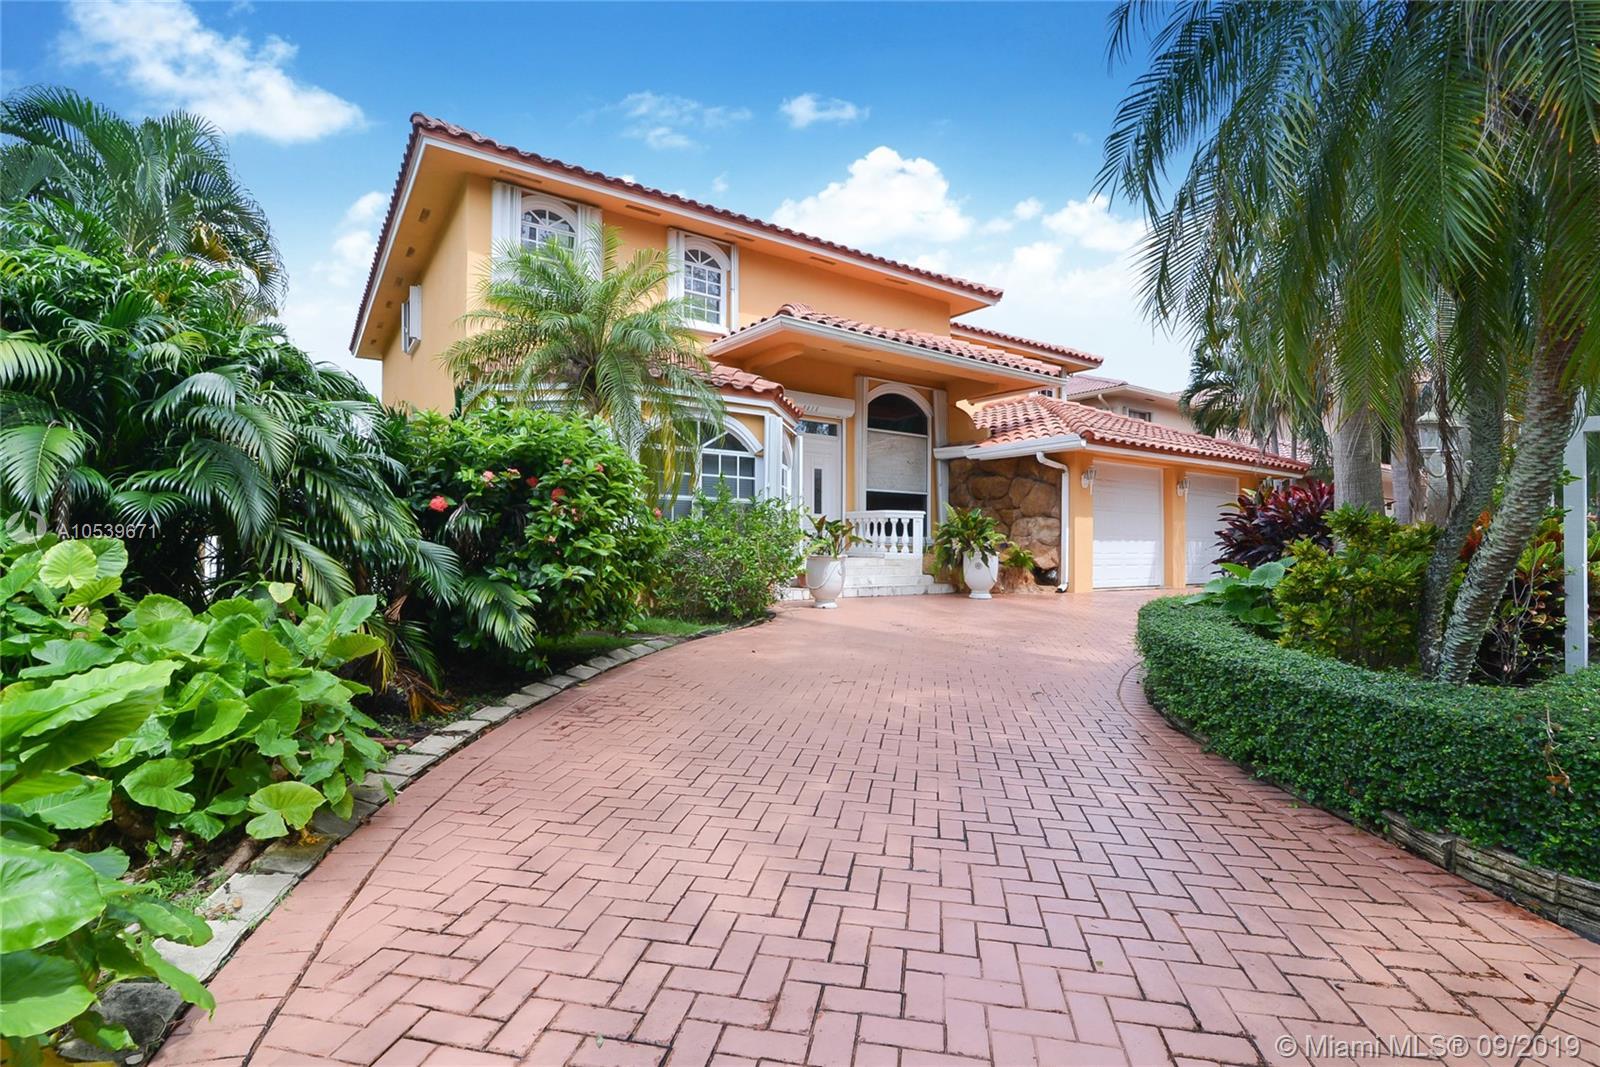 8015 Nw 162nd St Miami Lakes, FL 33016